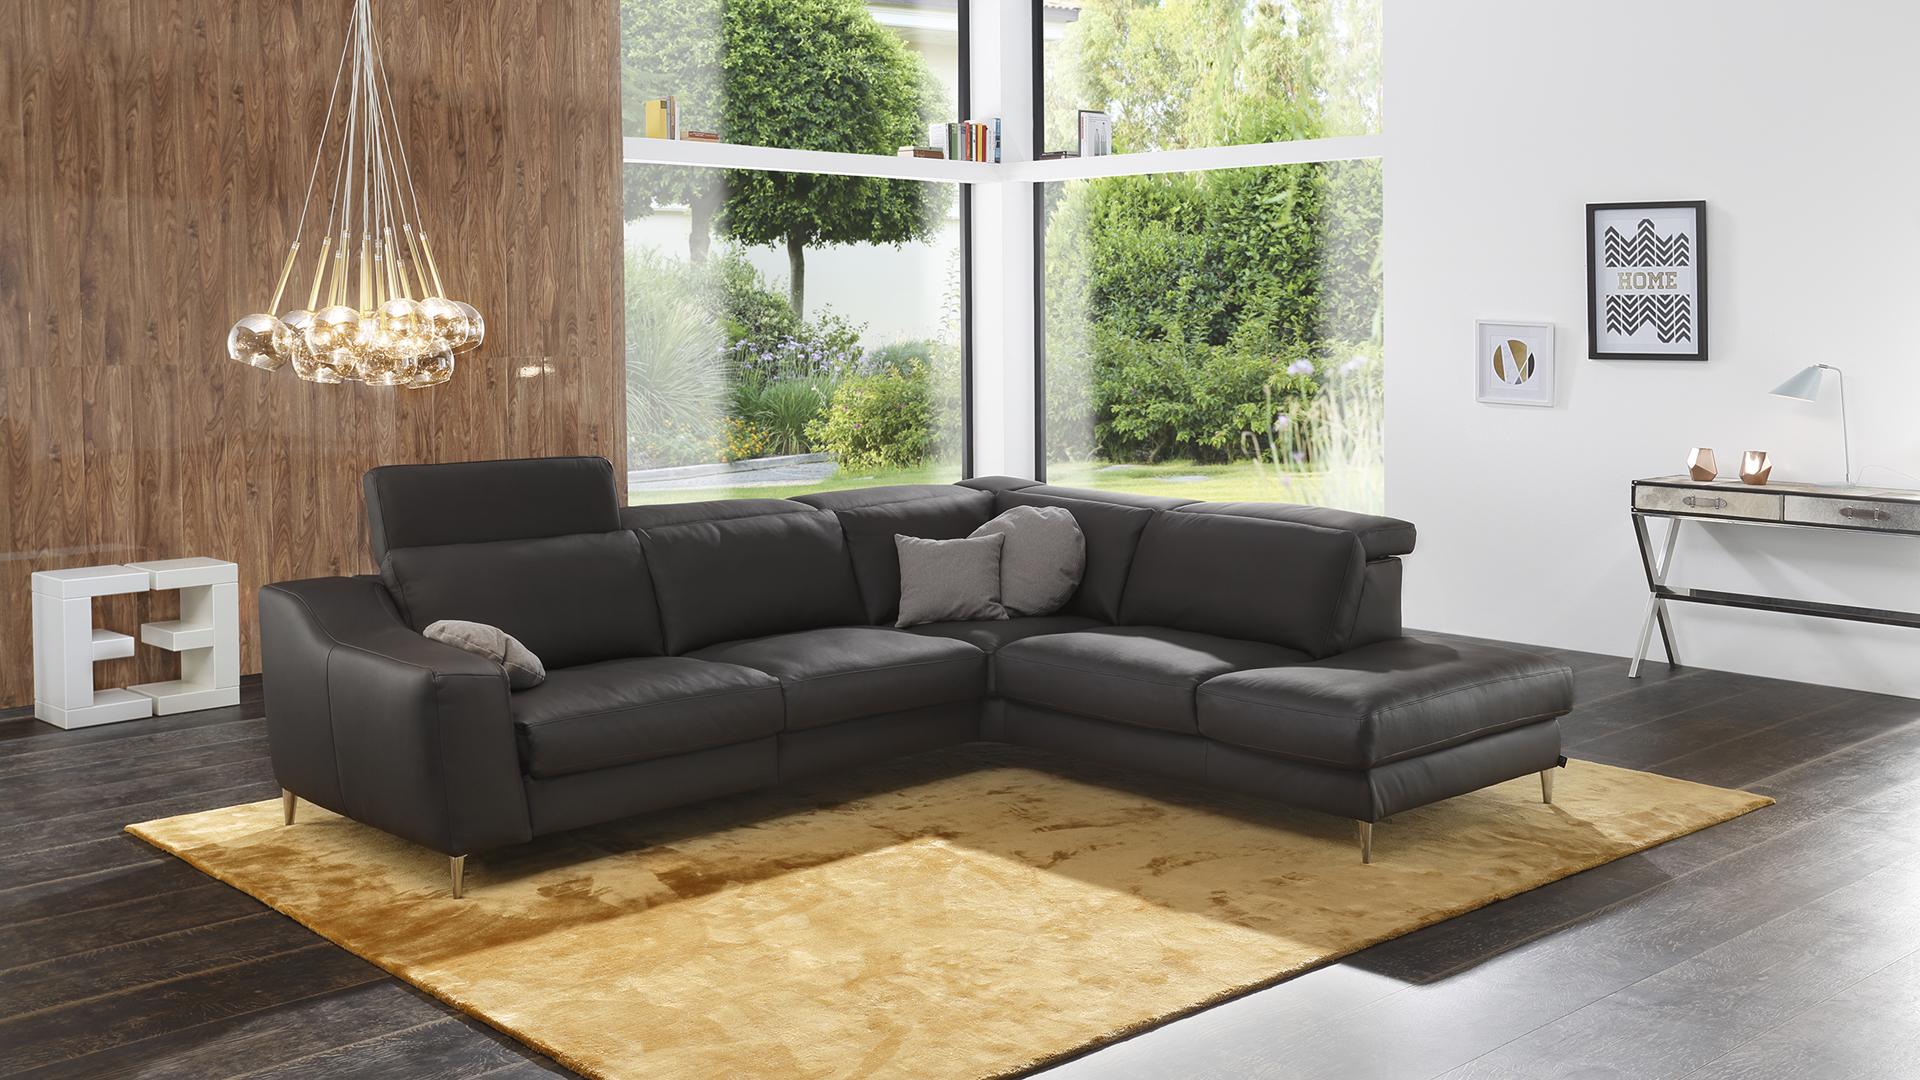 ewald schillig sofas sitzlandschaften und sessel bei prinz wohnen. Black Bedroom Furniture Sets. Home Design Ideas